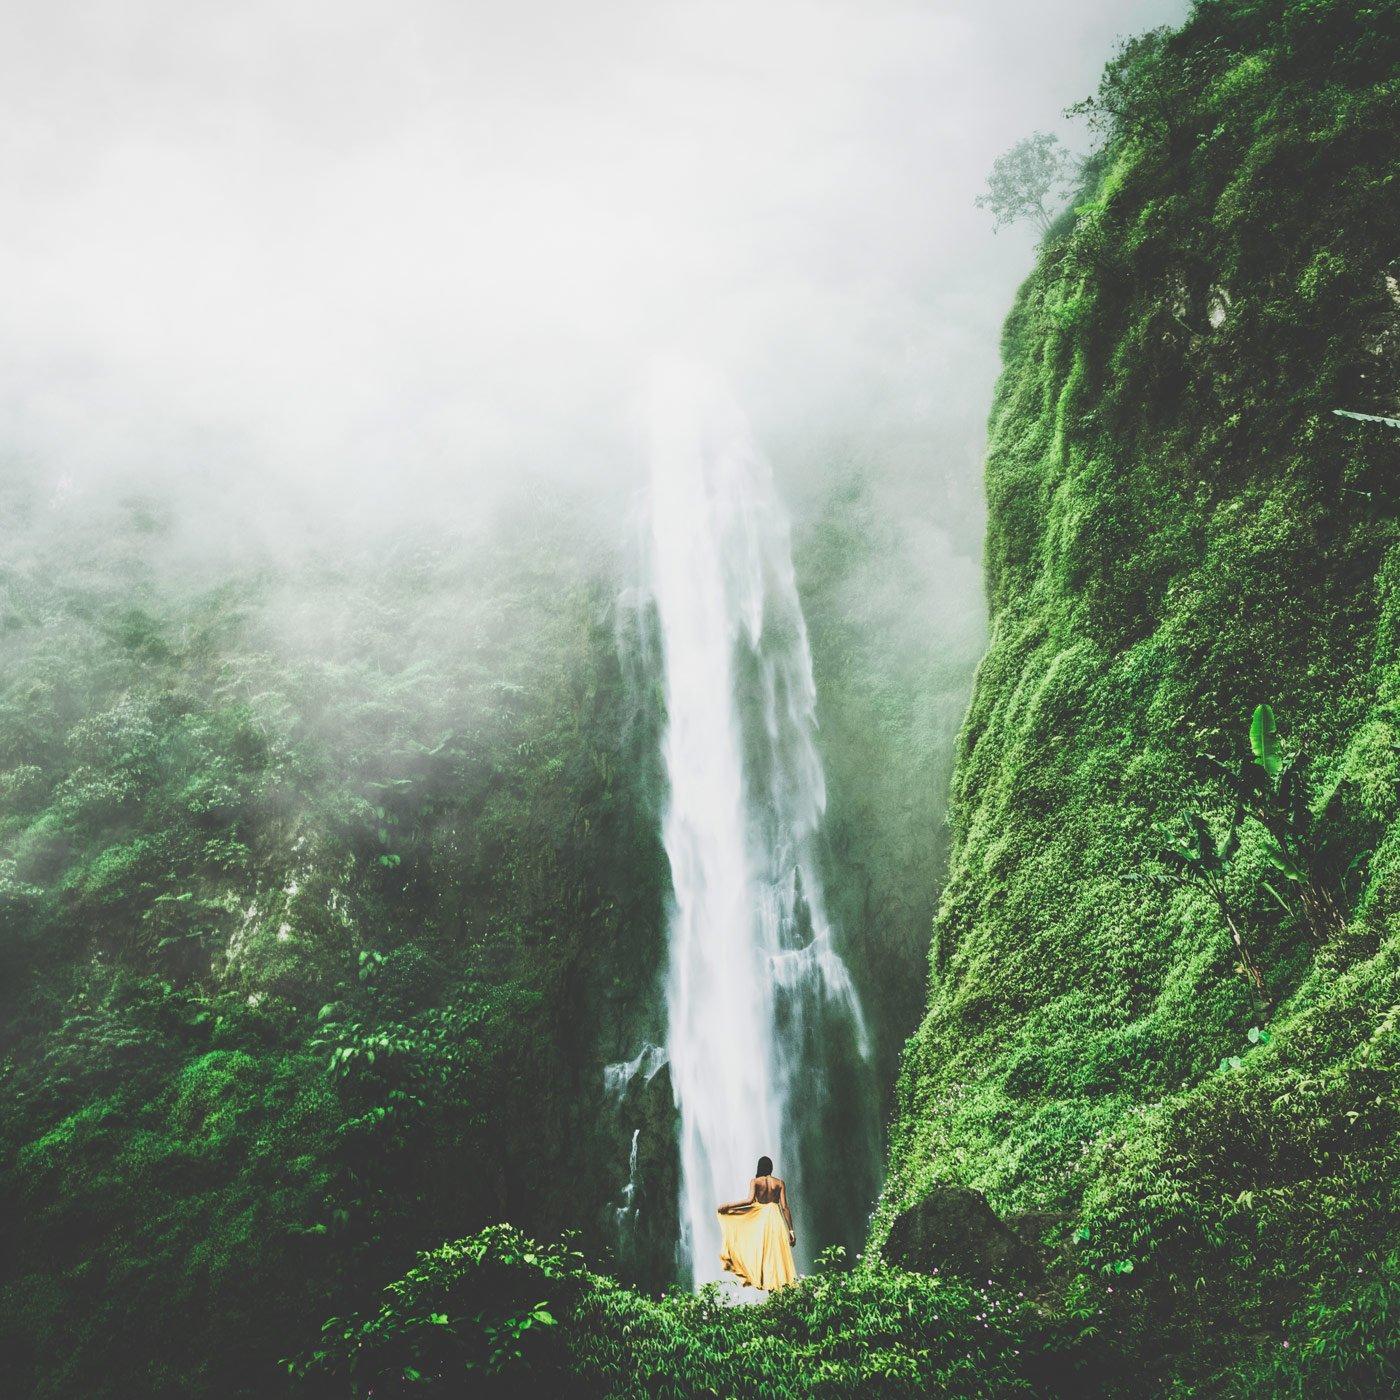 Meine Cousine vor einem gewaltigen Wasserfall in Java